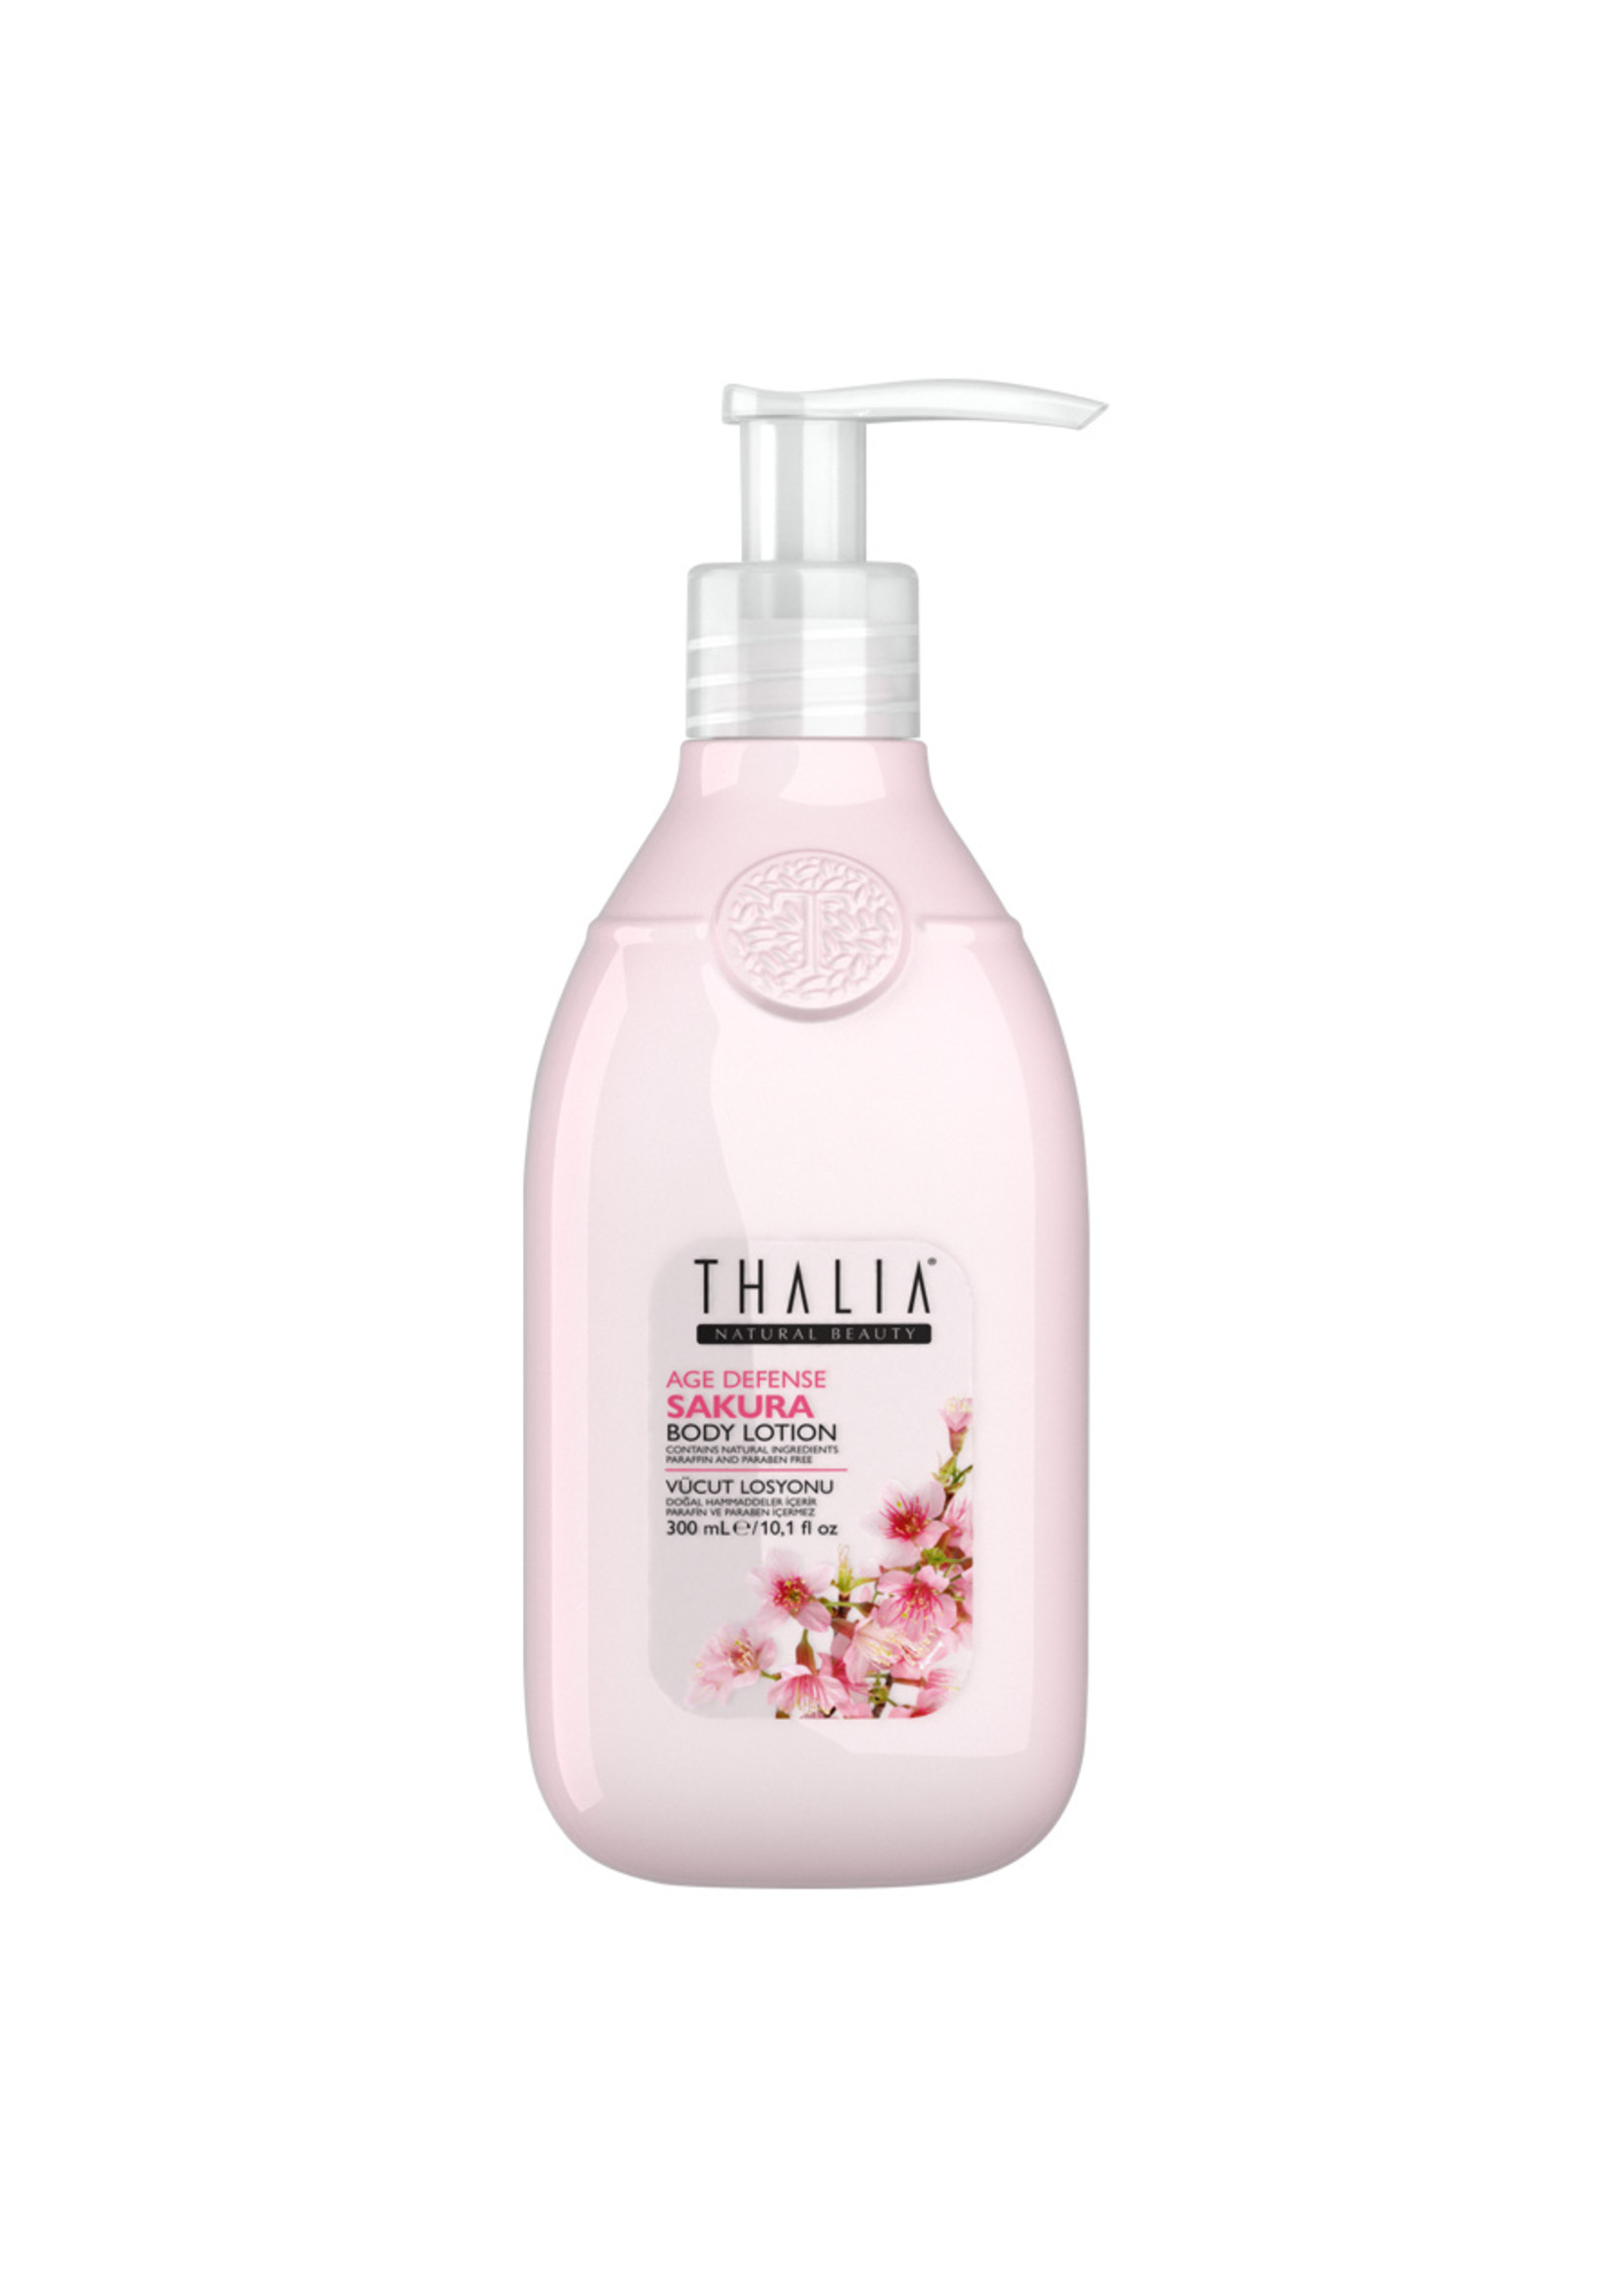 Thalia Sakura Body Lotion 300 ml